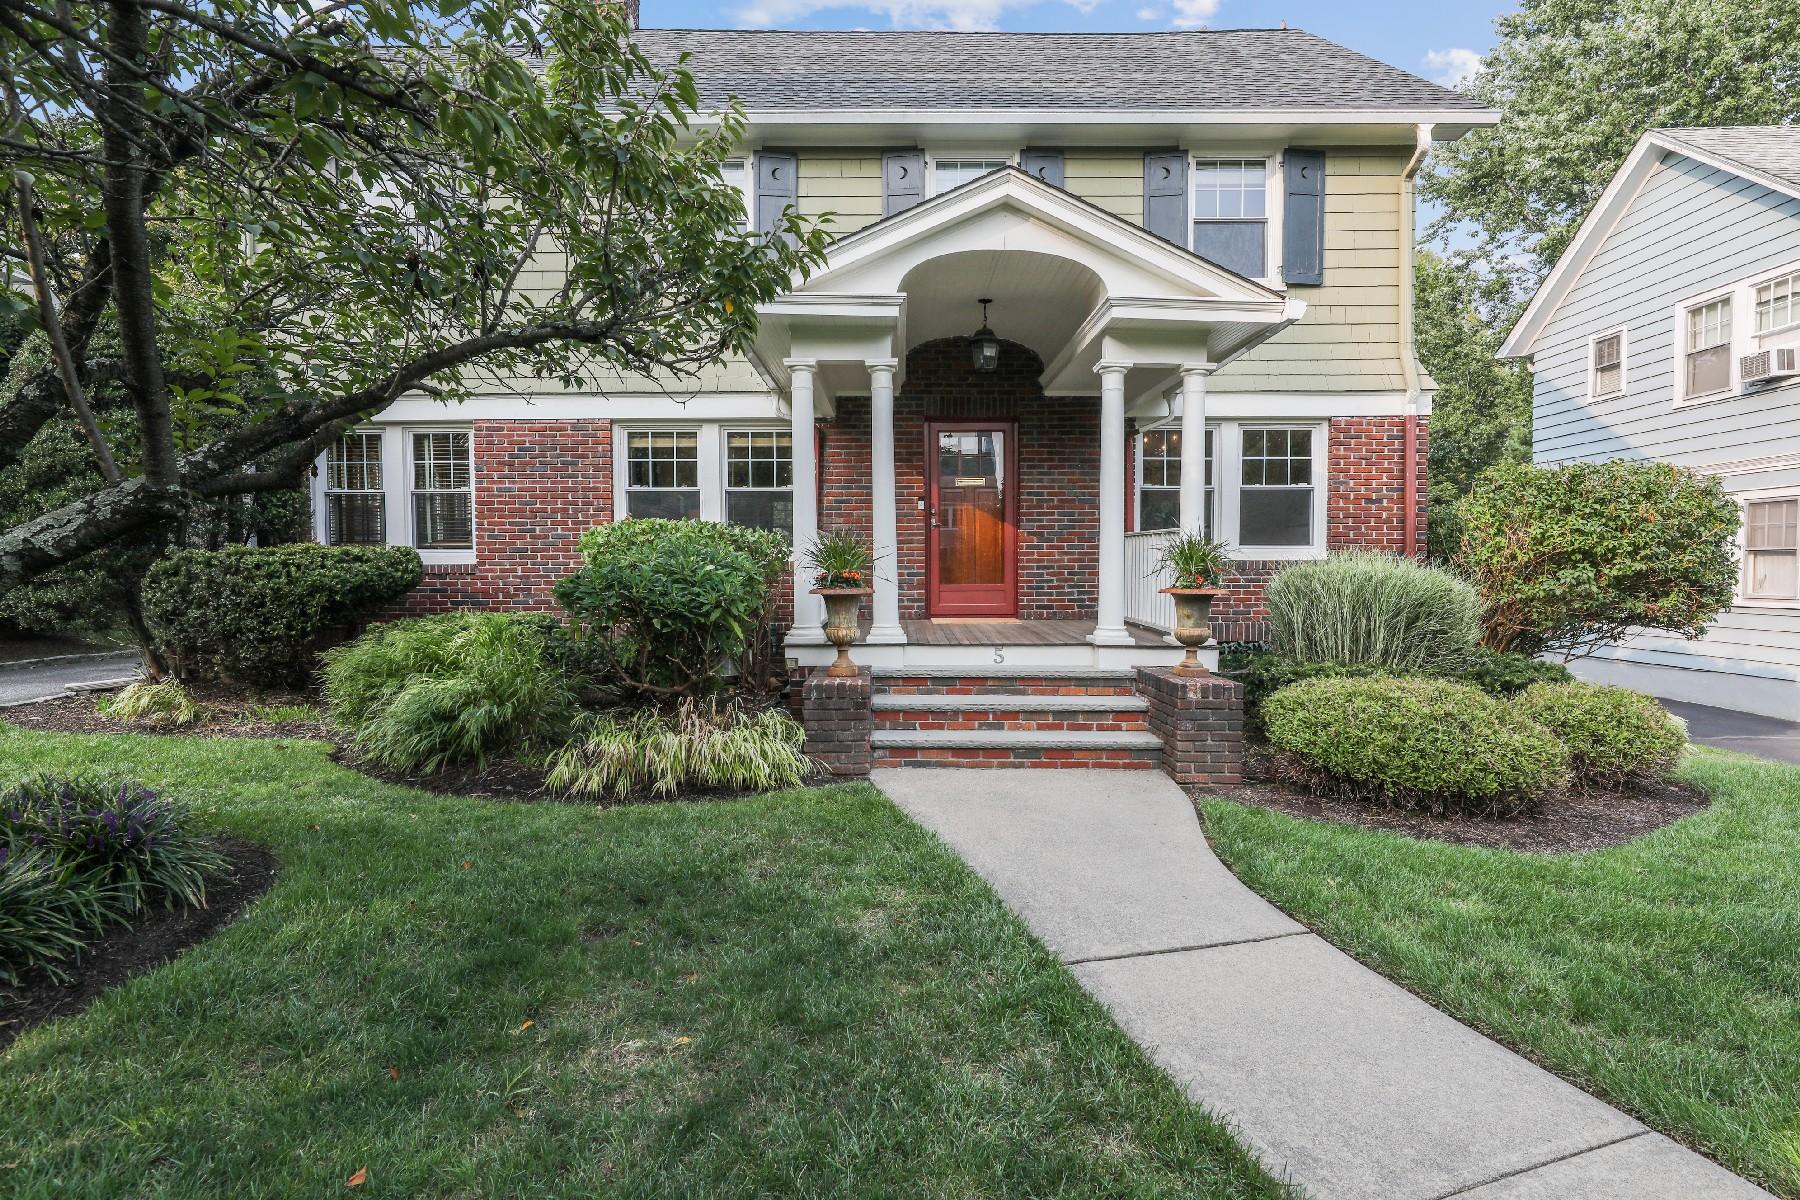 Single Family Homes для того Продажа на Classic Glen Ridge Colonial 5 Tuxedo Road, Glen Ridge, Нью-Джерси 07028 Соединенные Штаты